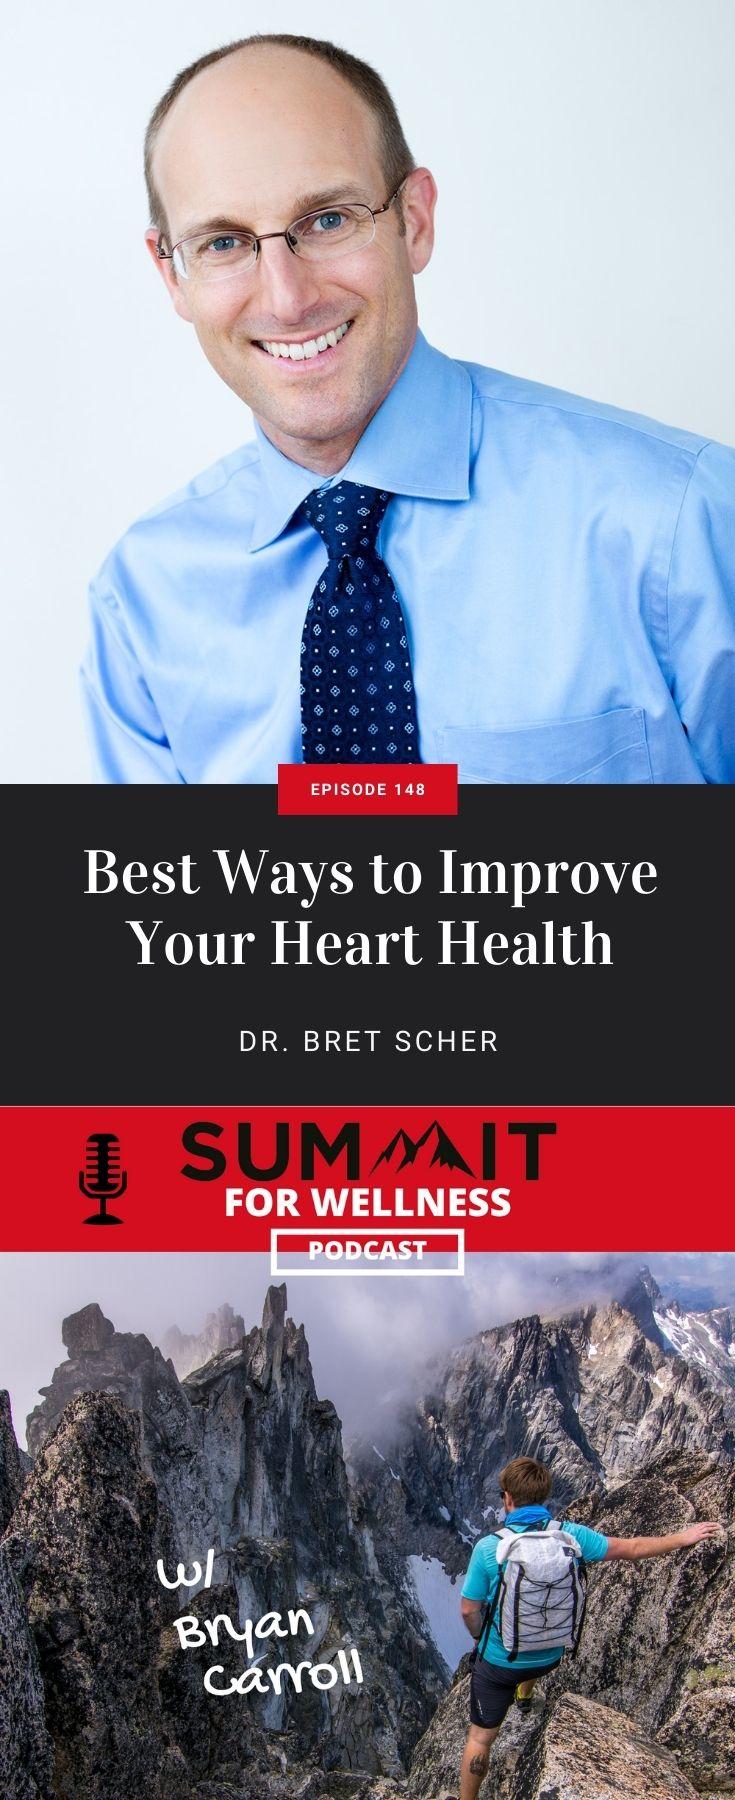 Dr. Bret Scher shares ways to improve heart health